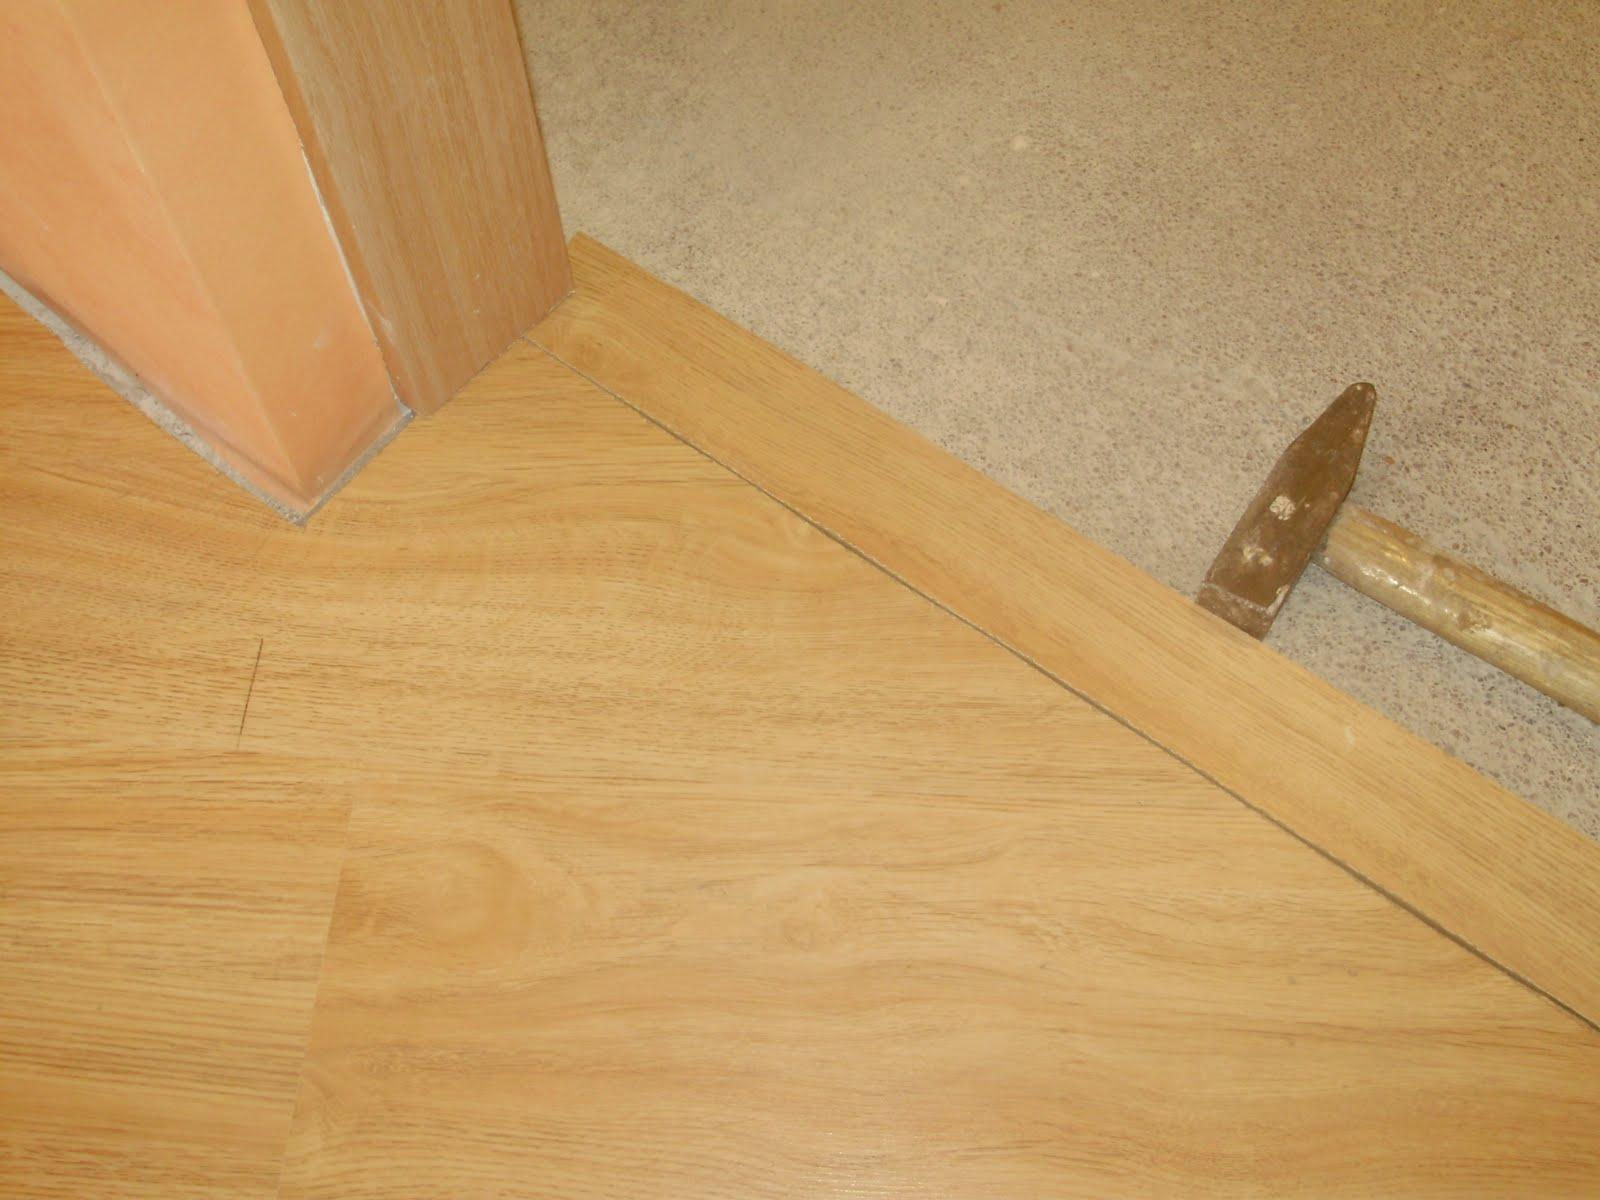 деревянный порожек между ванной и коридором